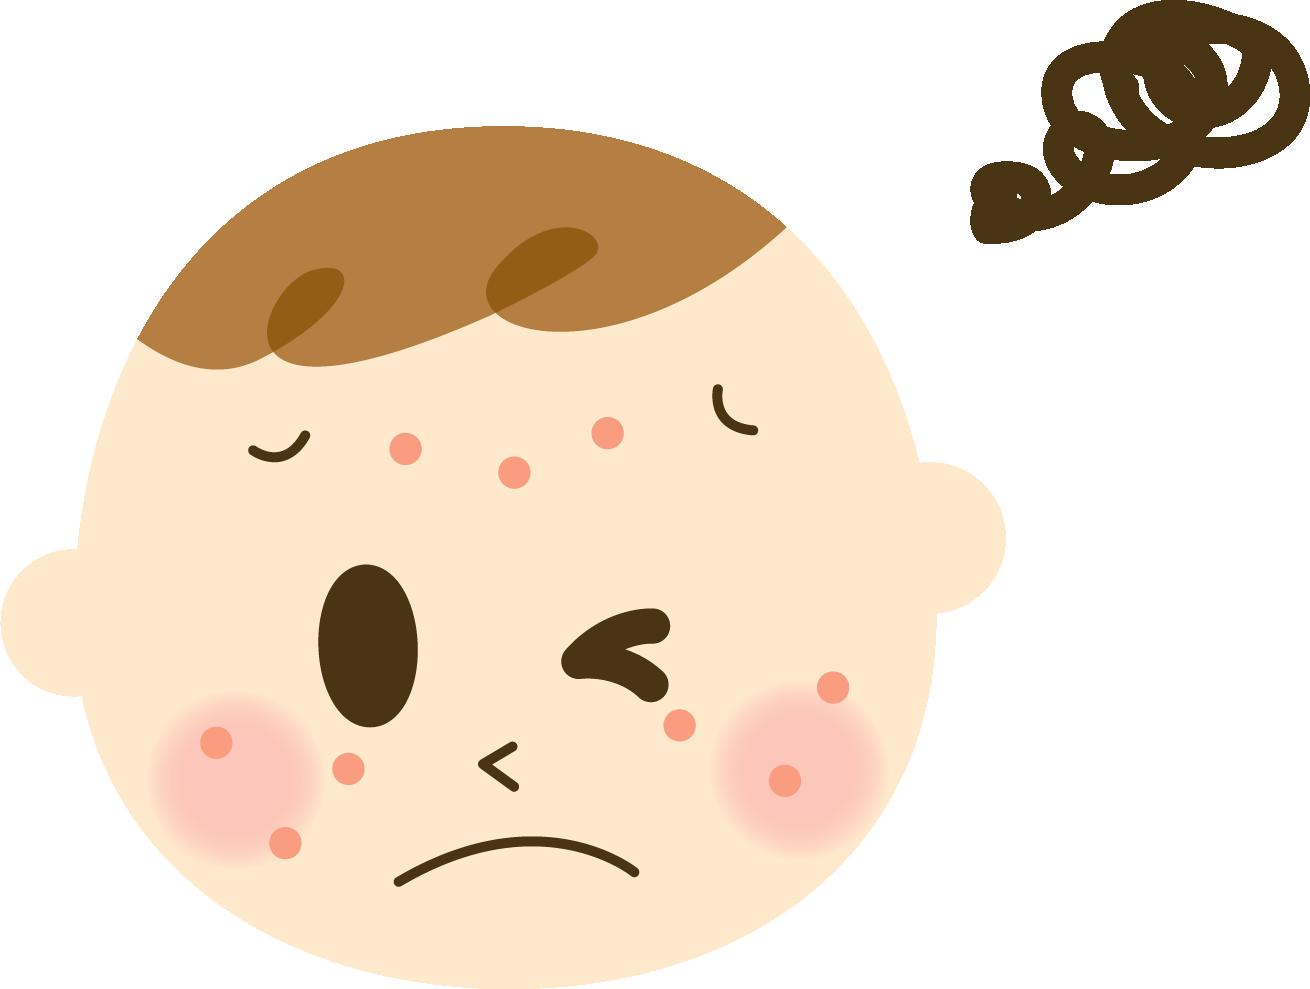 家族のピーナッツアレルギーと本人の湿疹の既往、どちらが強くピーナッツアレルギーの発症に関連するか?